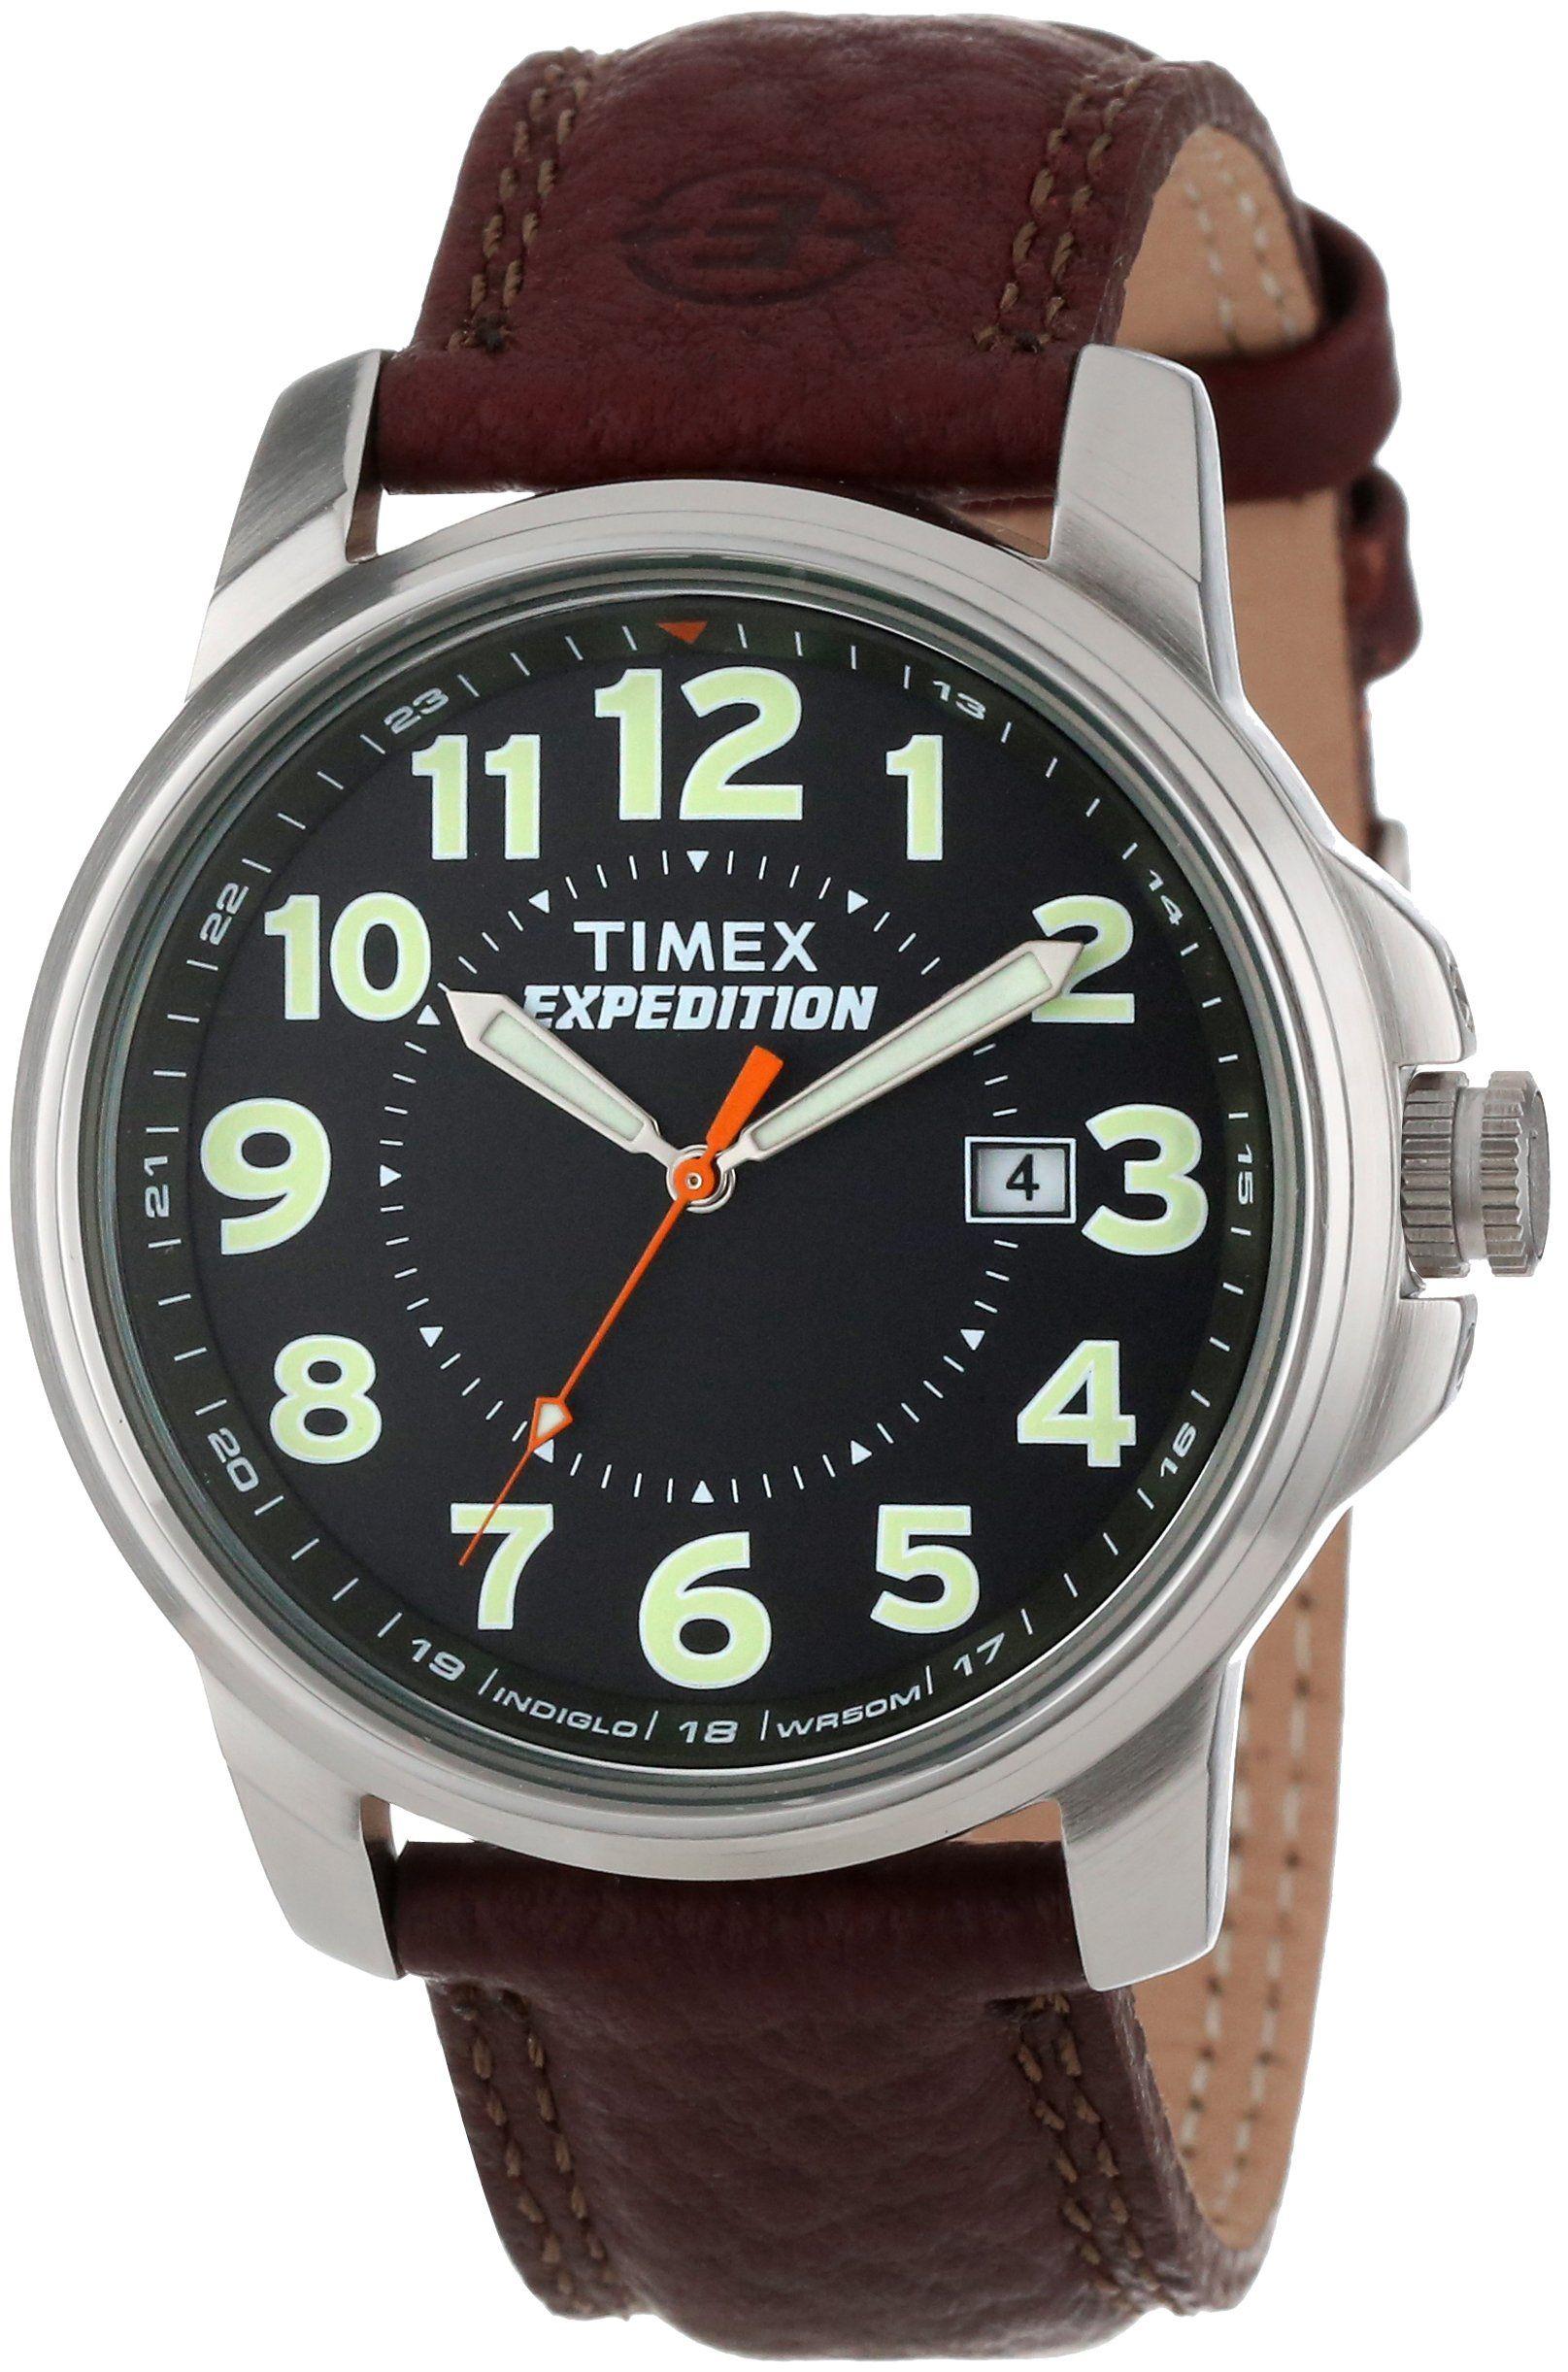 1e11109a24b6 Timex T44921PF - Reloj de caballero de cuarzo  Timex  Amazon.es  Relojes